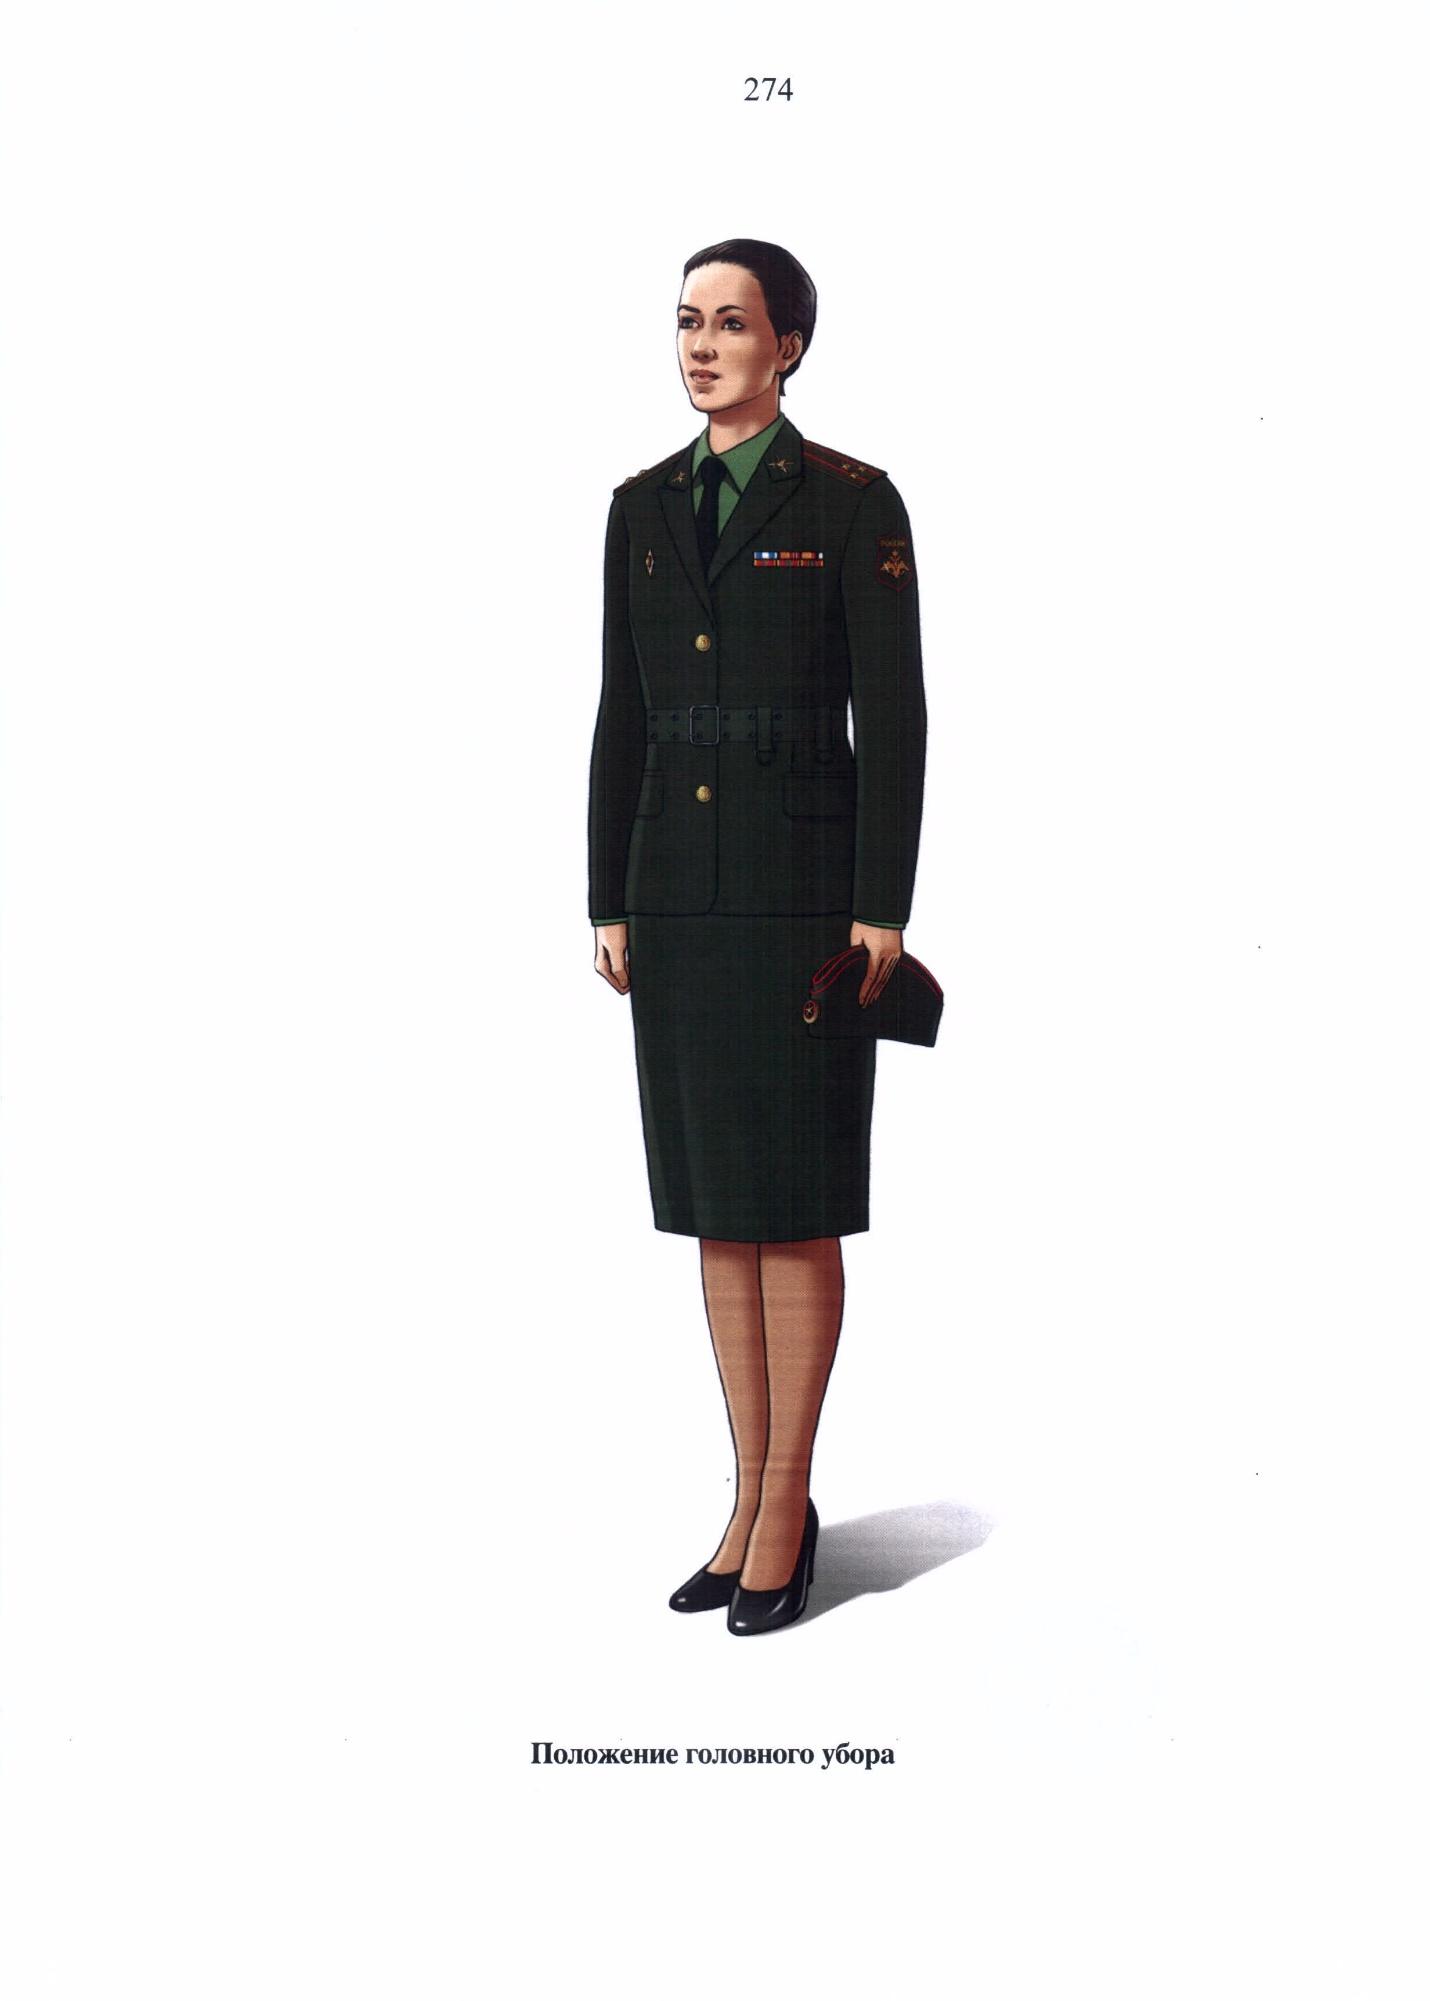 C:\Users\User\Desktop\Приказ МО РФ от 22.06.2015 г. № 300 Правила ношения военной формы одежды\184217.JPG